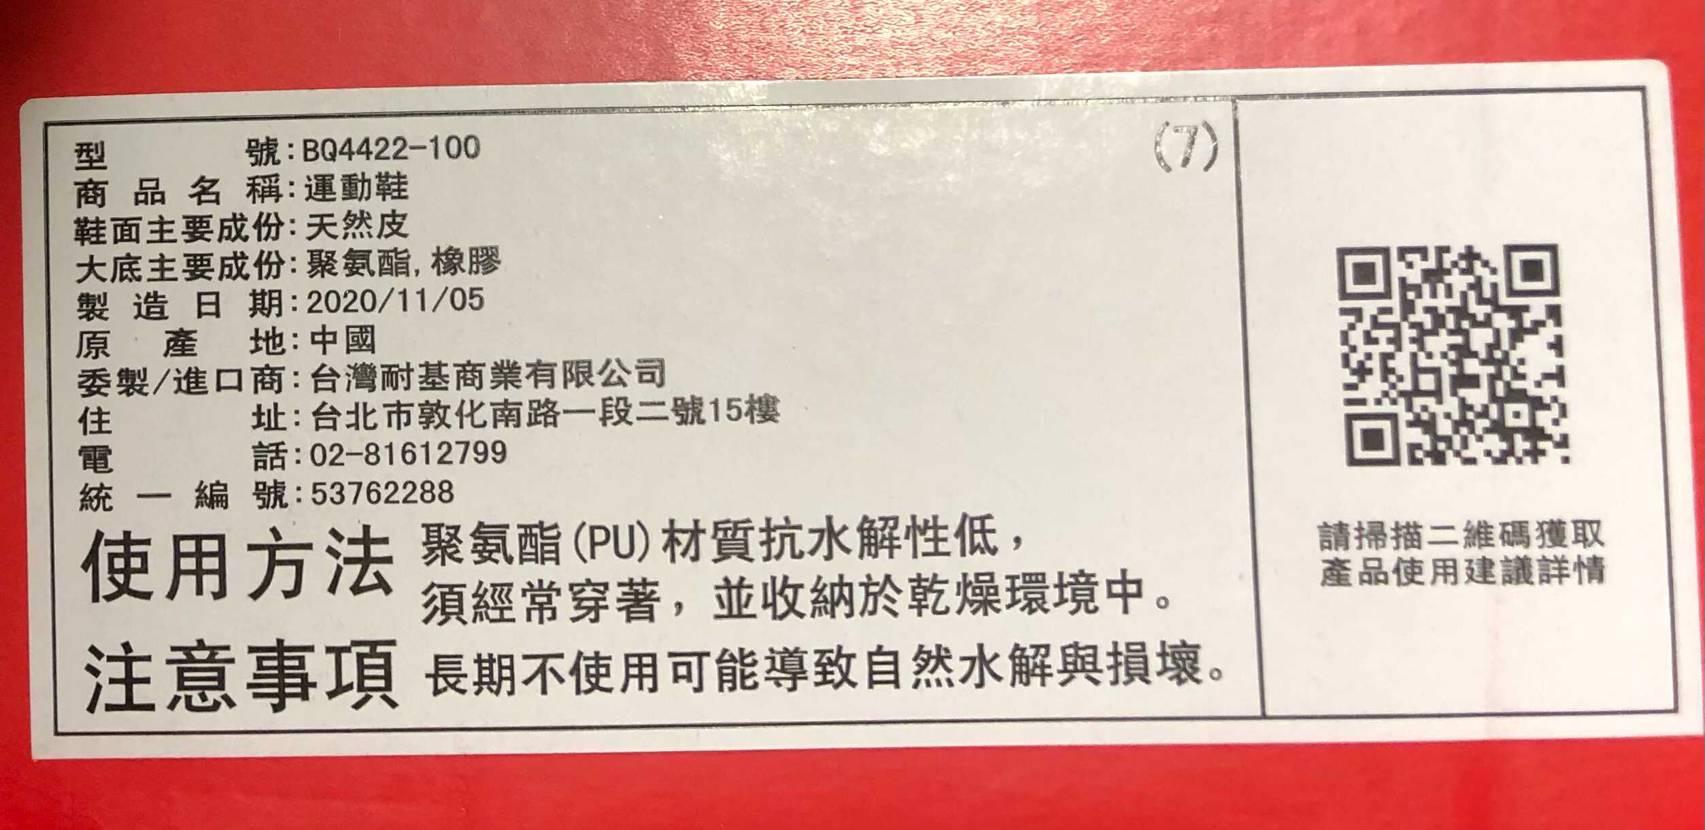 エアジョーダン1 ニュートラルグレー 株で。 箱の裏見たら…中国語……。なんだ